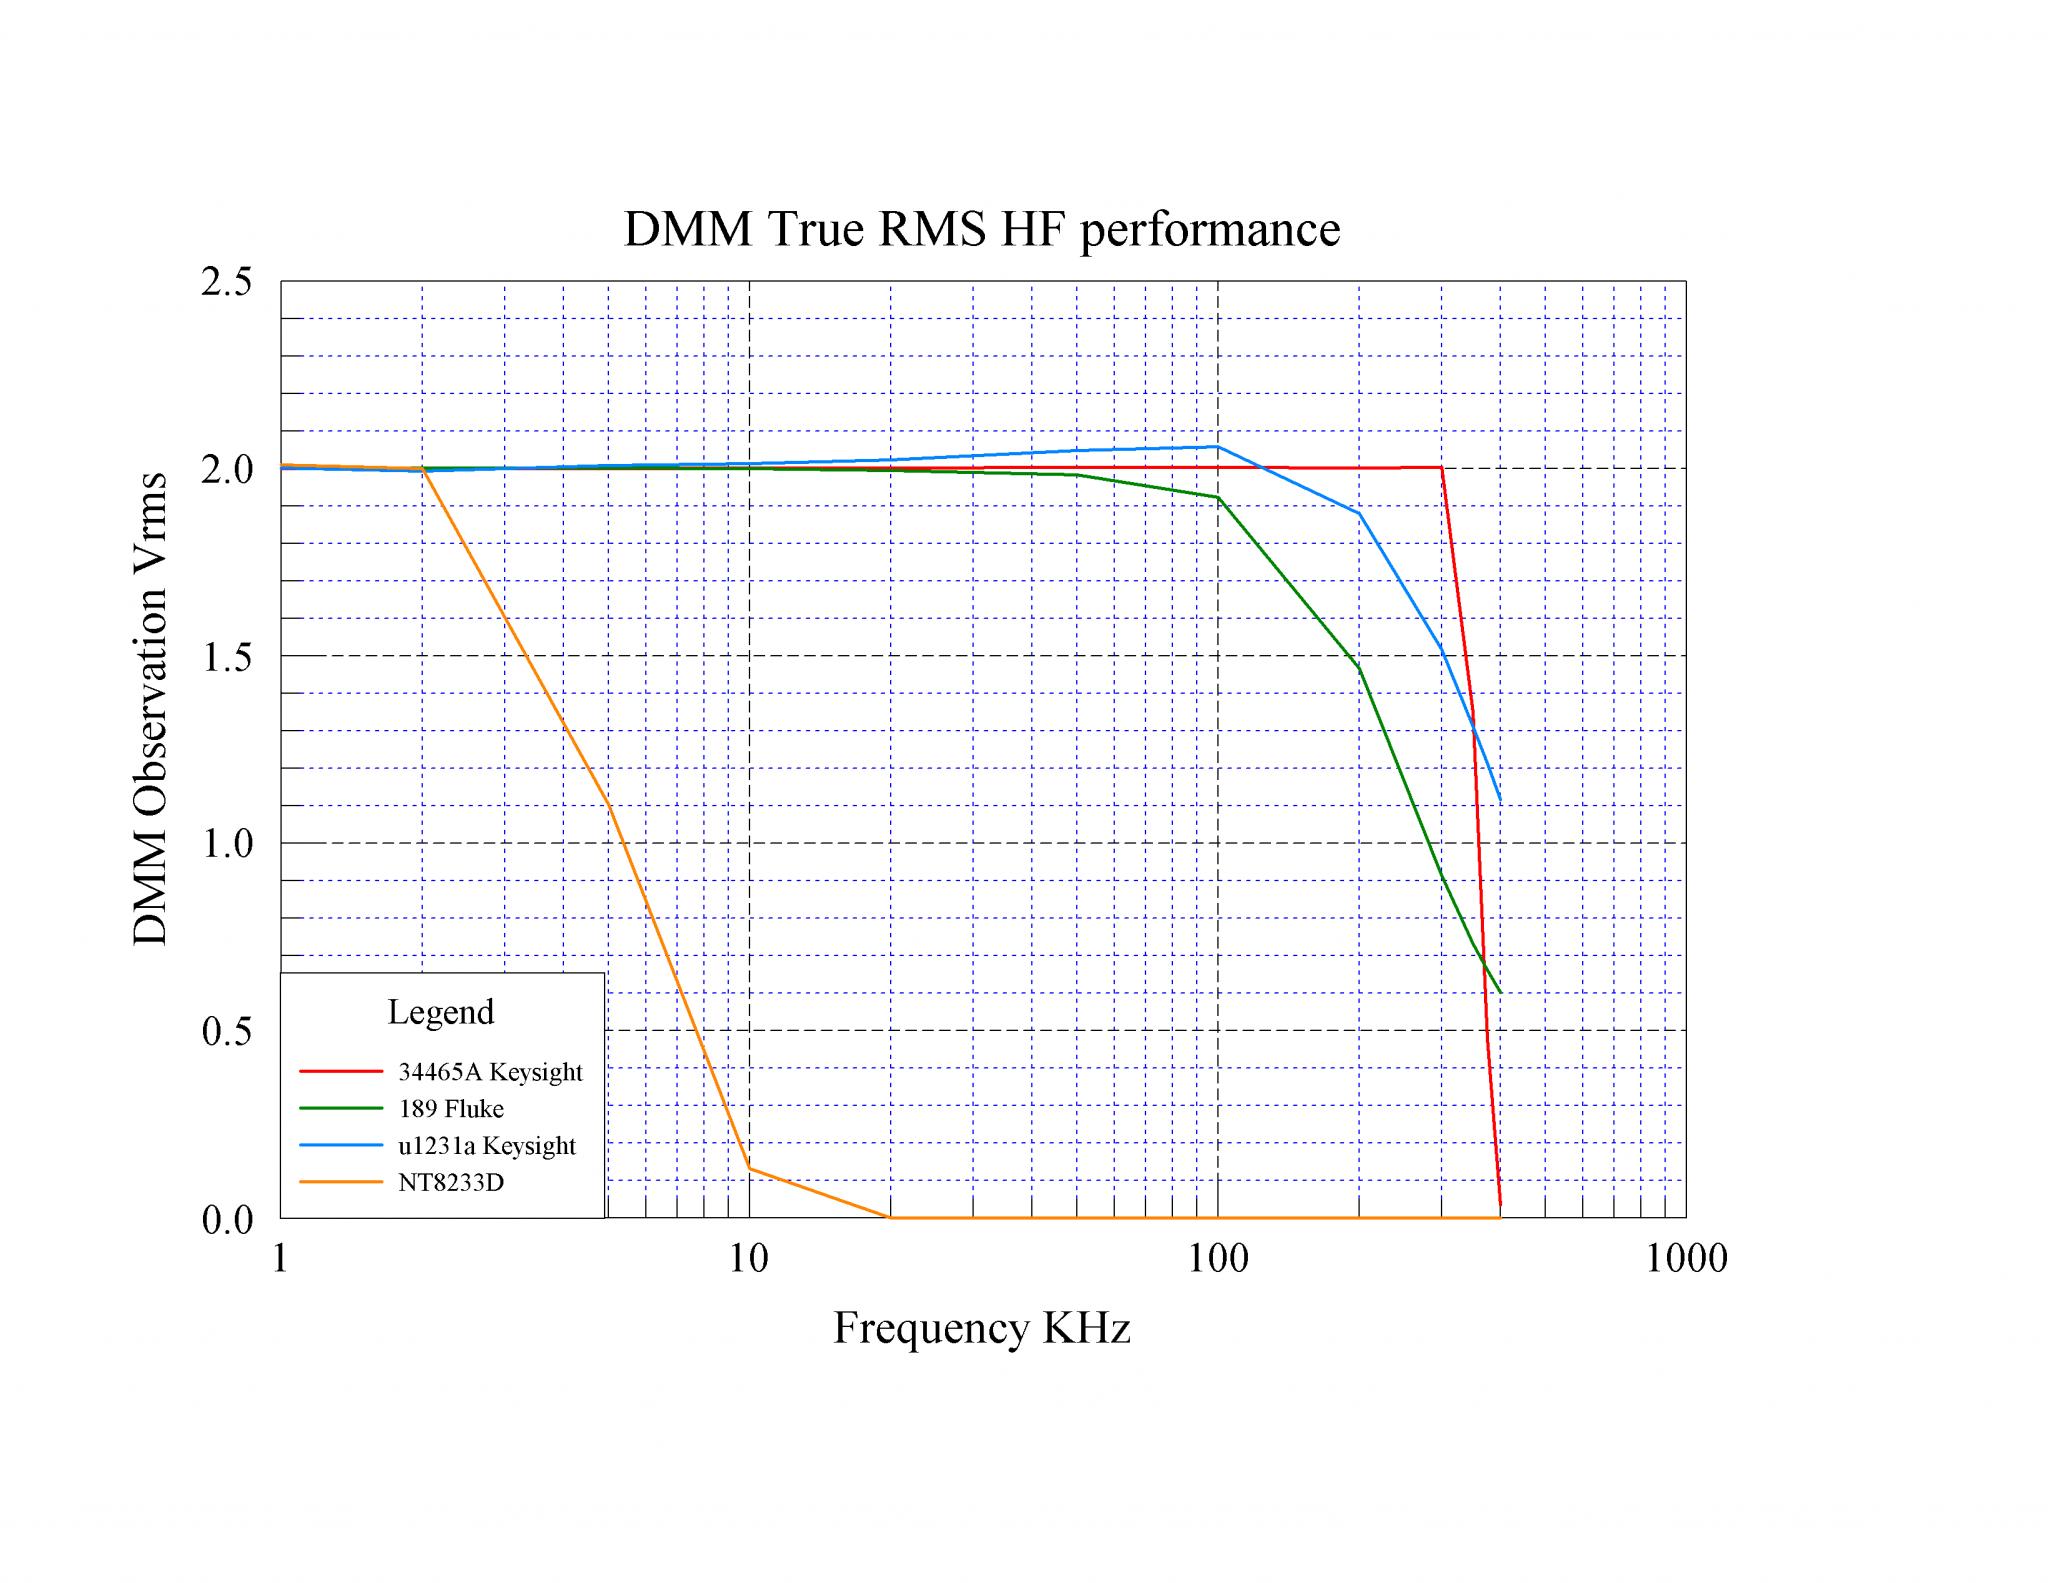 04 20200604 DMM true RMS HF perf.png